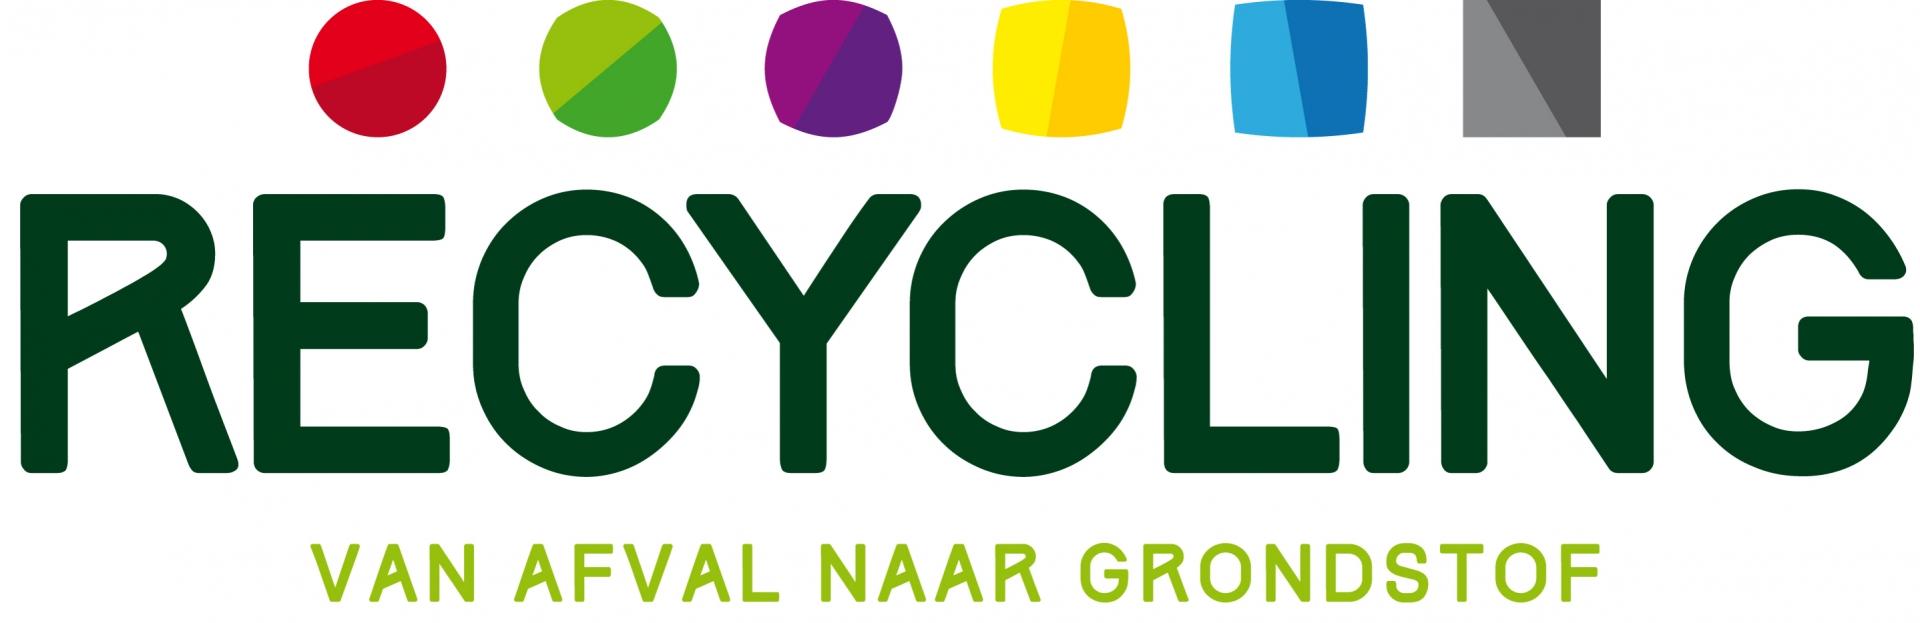 Beurs Recycling 2015: Van Afval Naar Grondstof